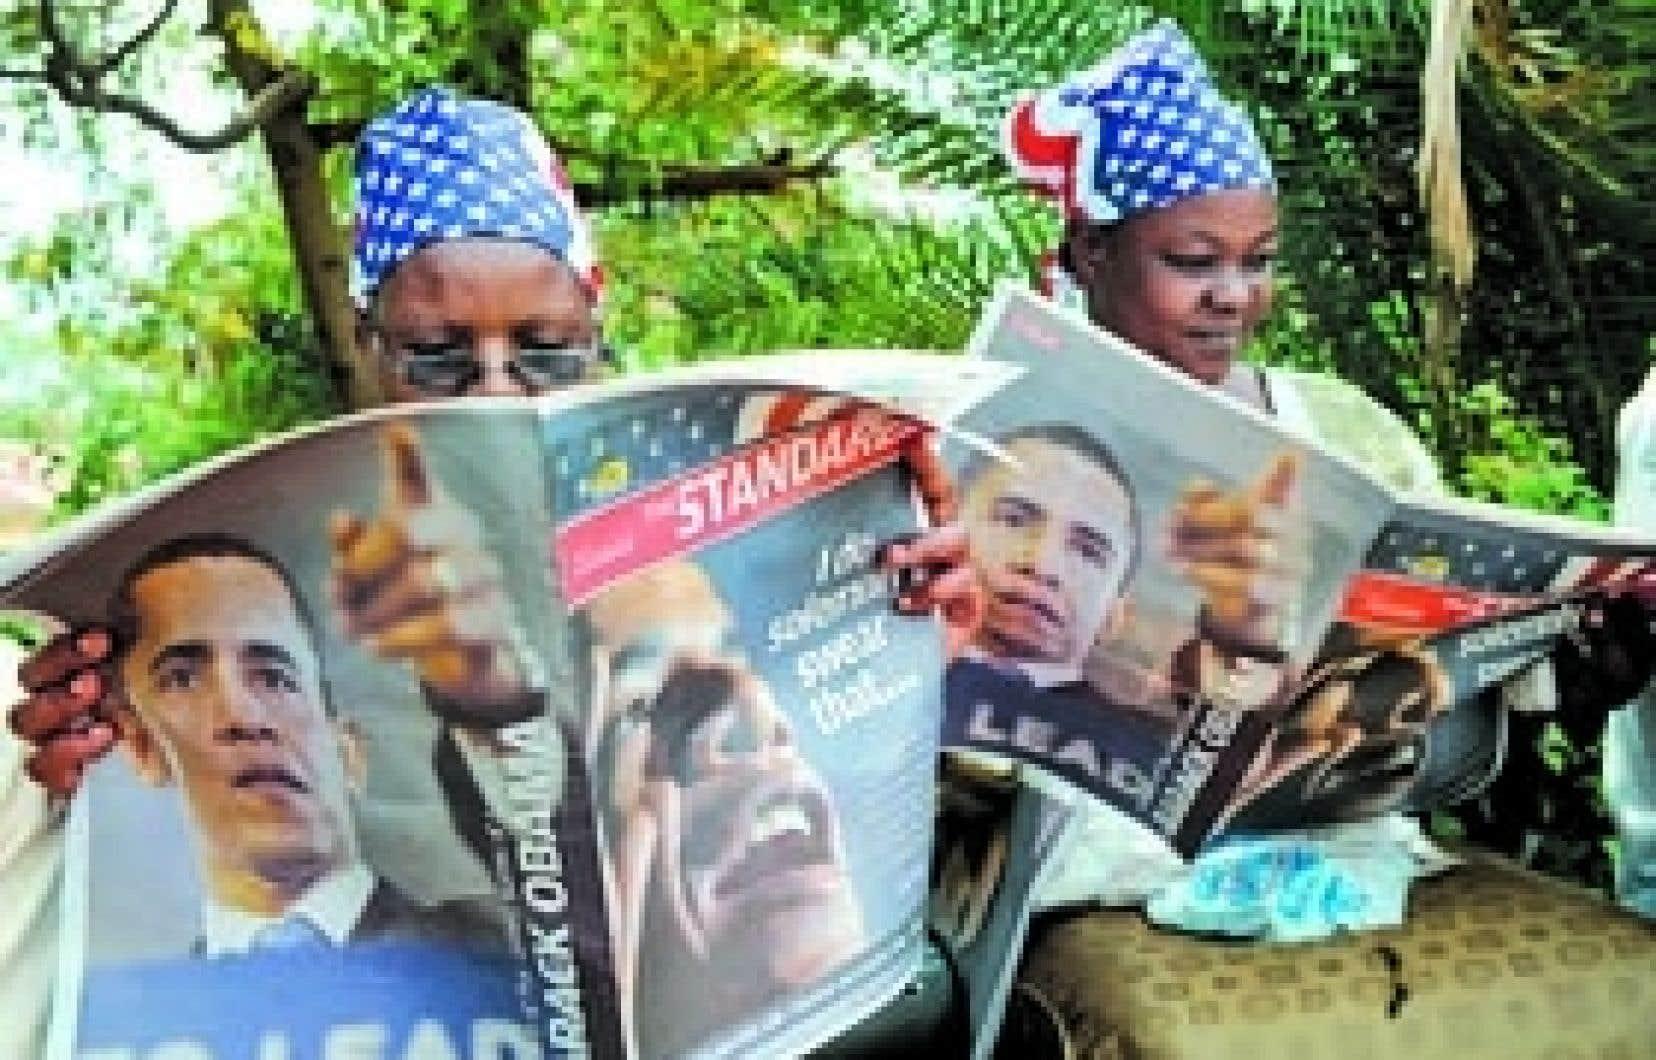 L'élection de Barack Obama avait soulevé une vague d'enthousiasme immense en Afrique, et principalement au Kenya (photo), là où est né son père.